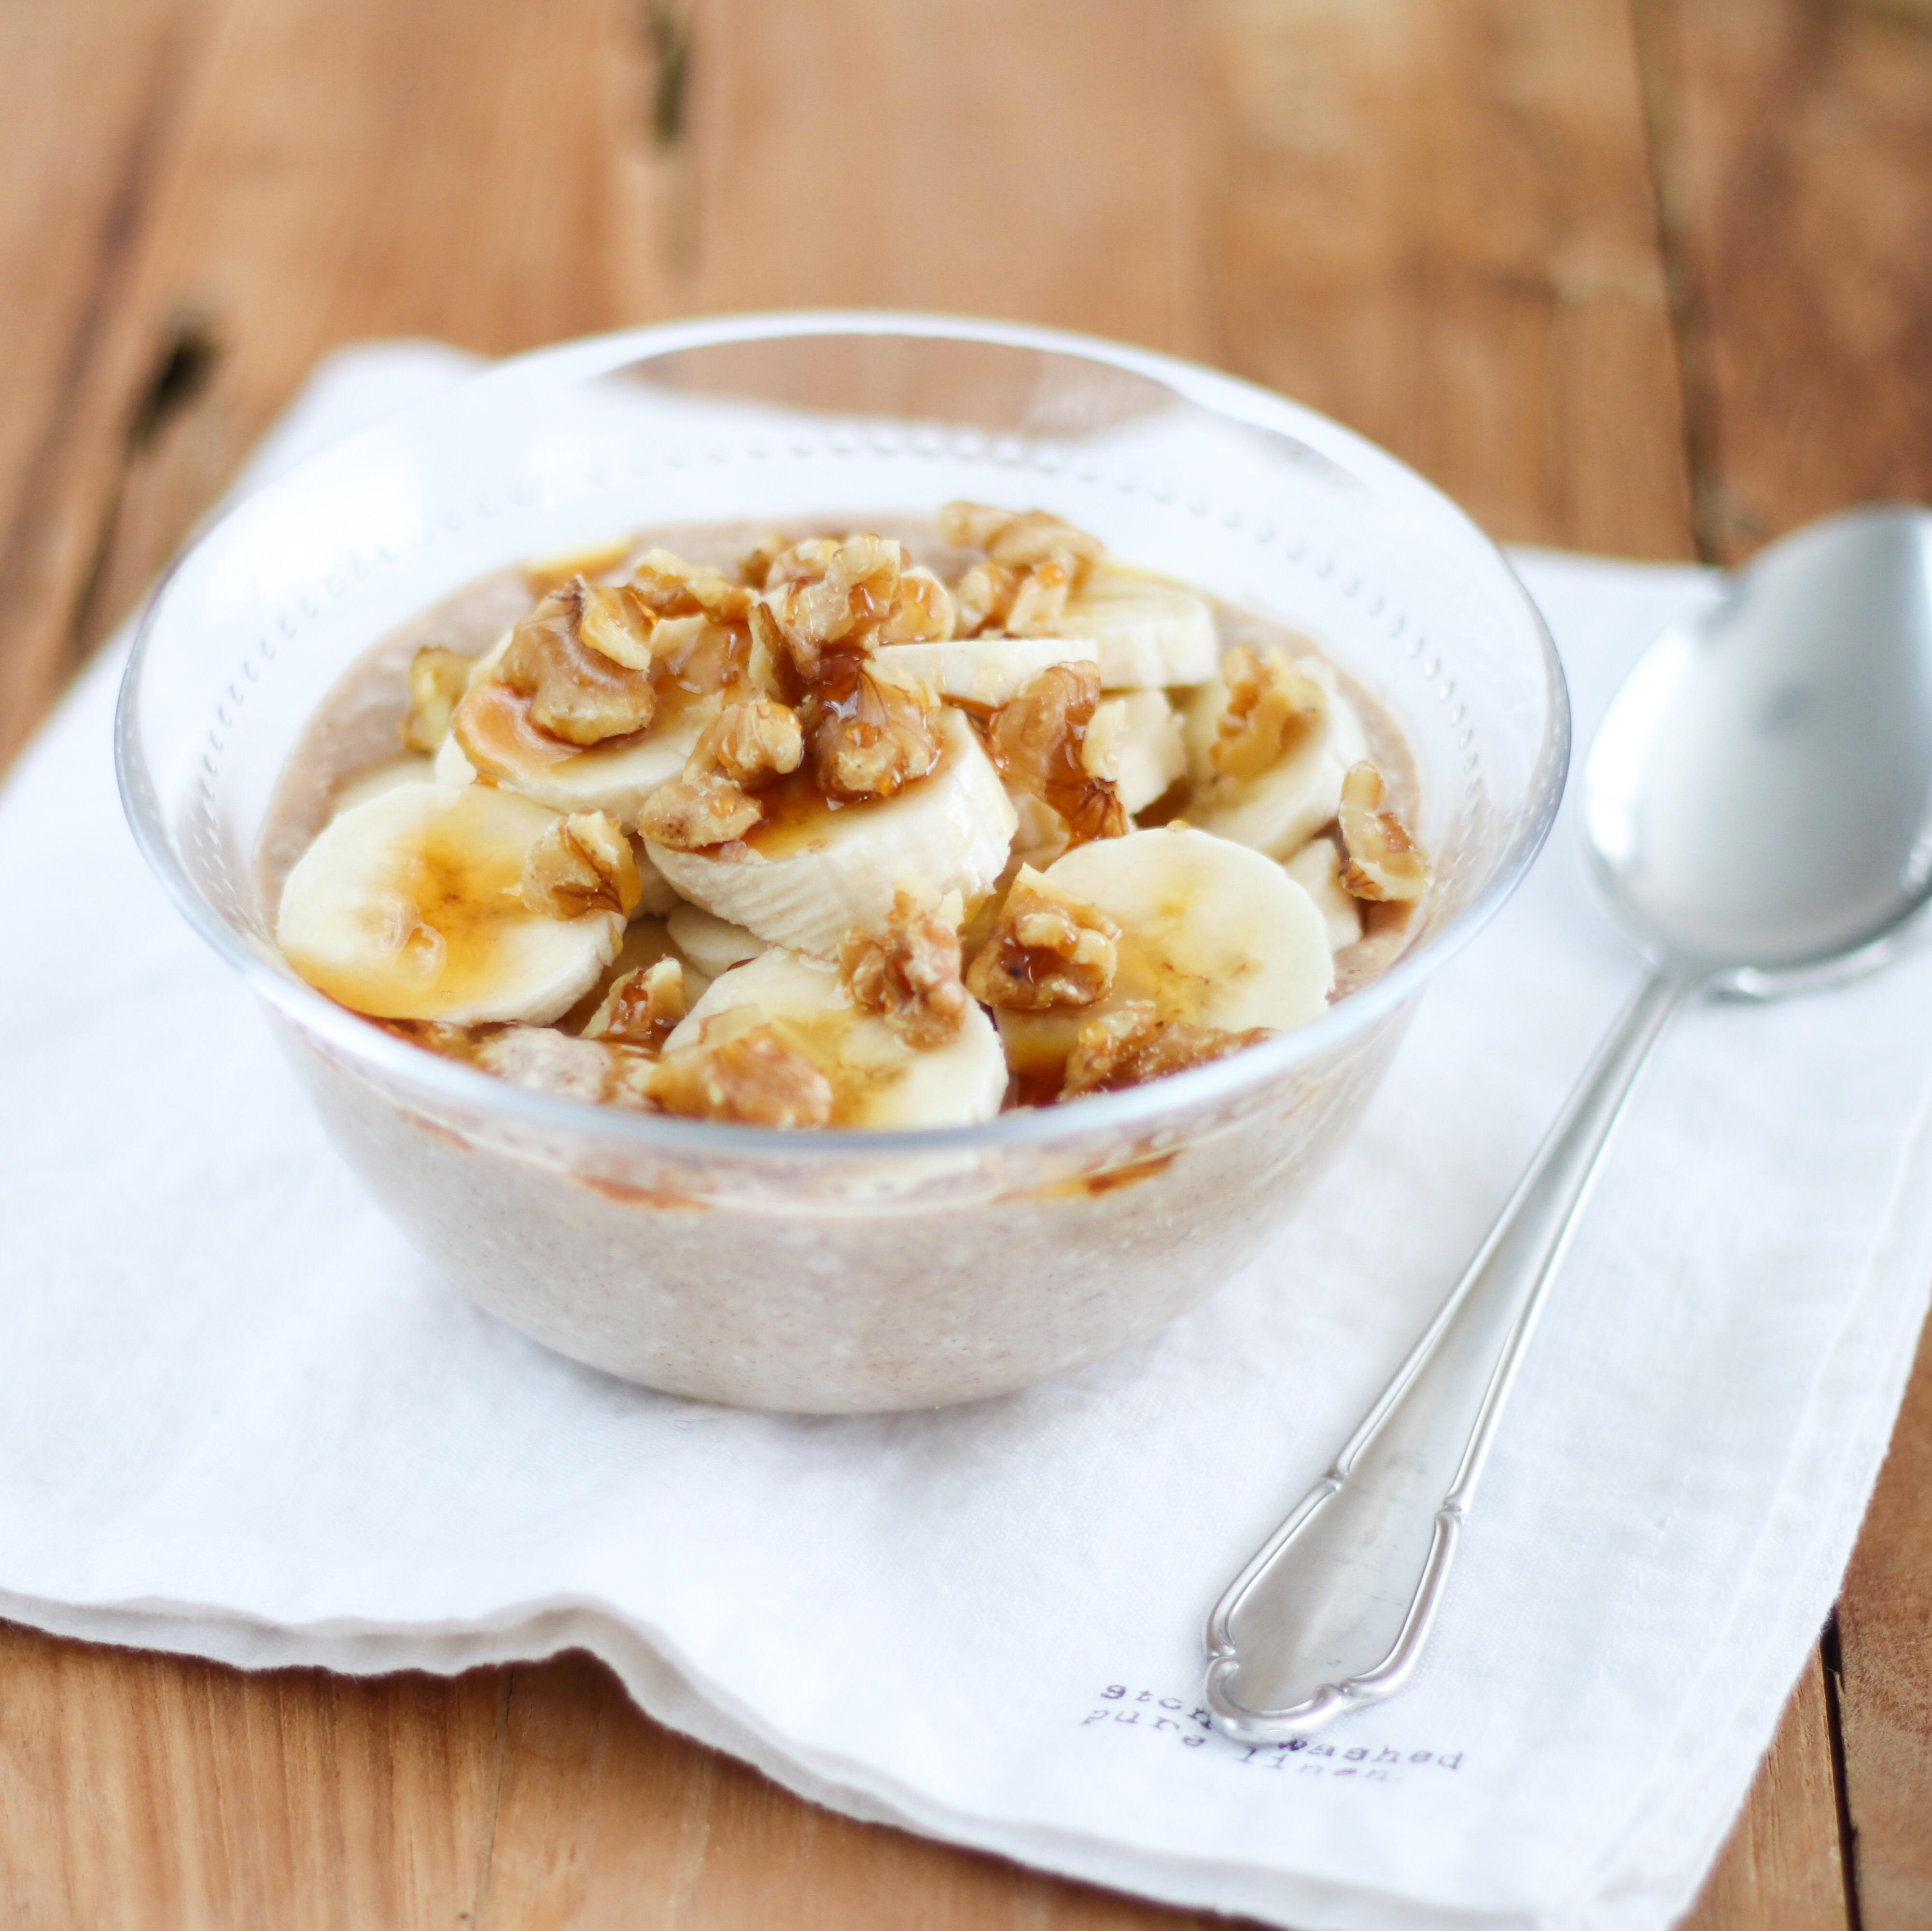 Overnight oats met banaan en kaneel